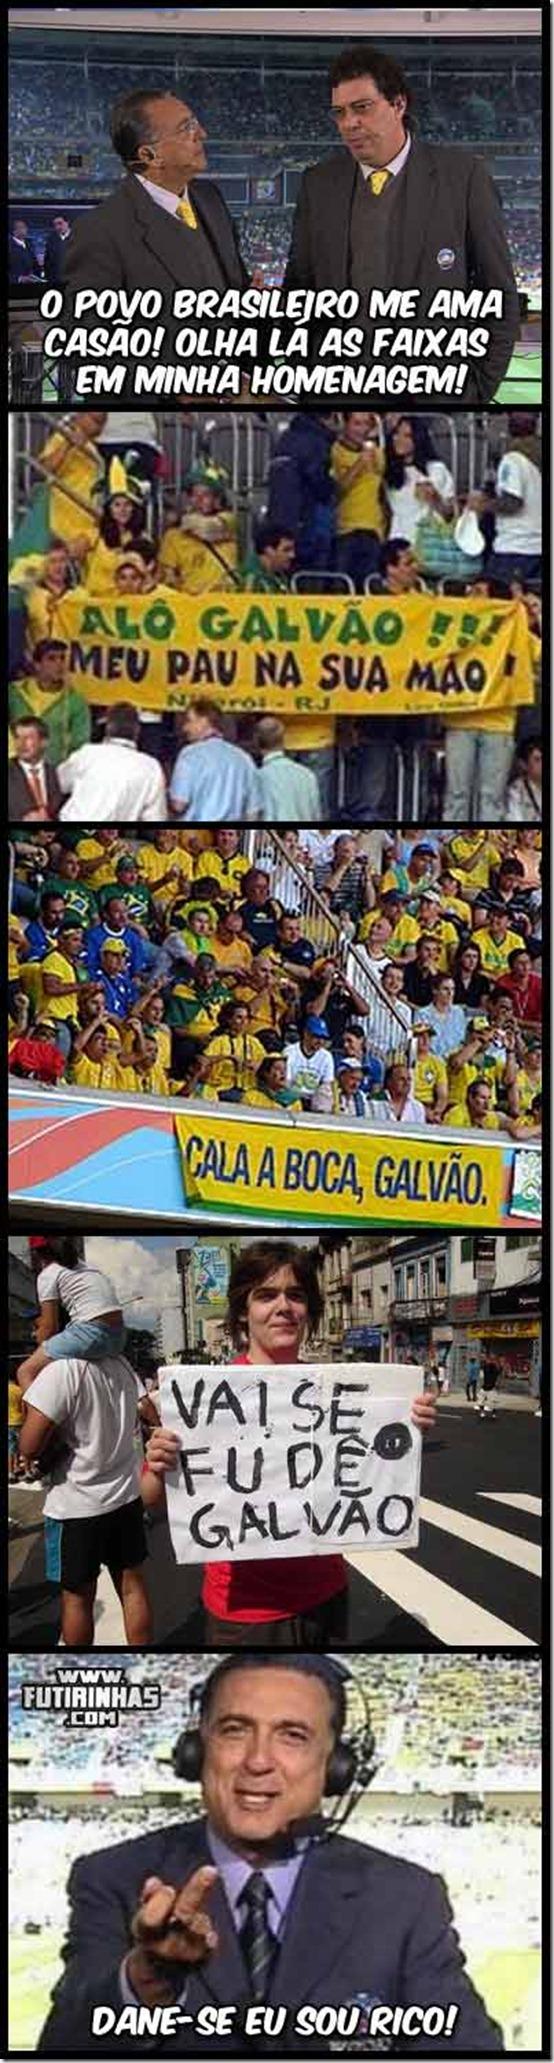 faixas-galvão-futirinhas-futebol-seleção-brasil